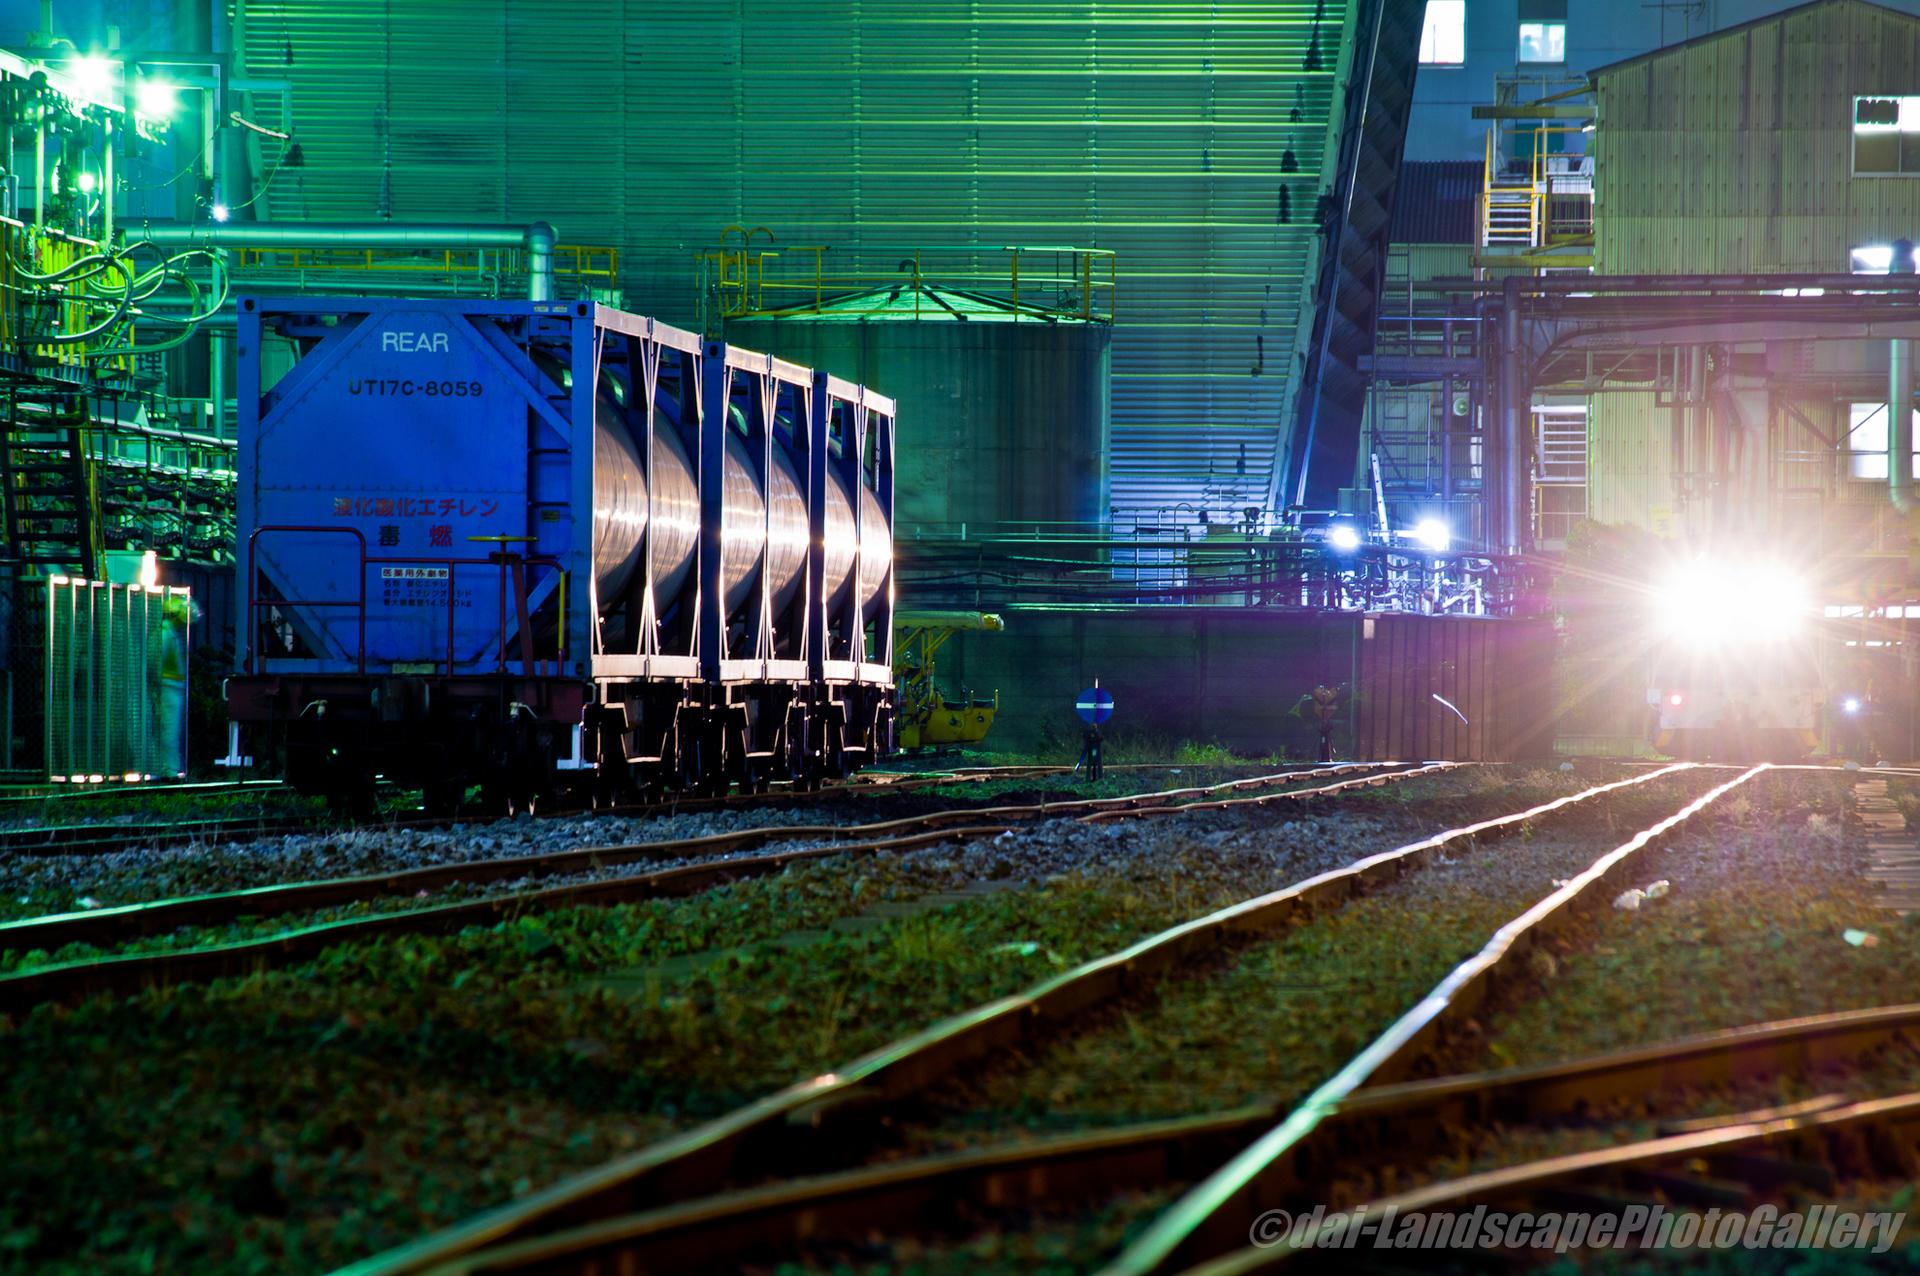 神奈川臨海鉄道 千鳥線貨物列車風景